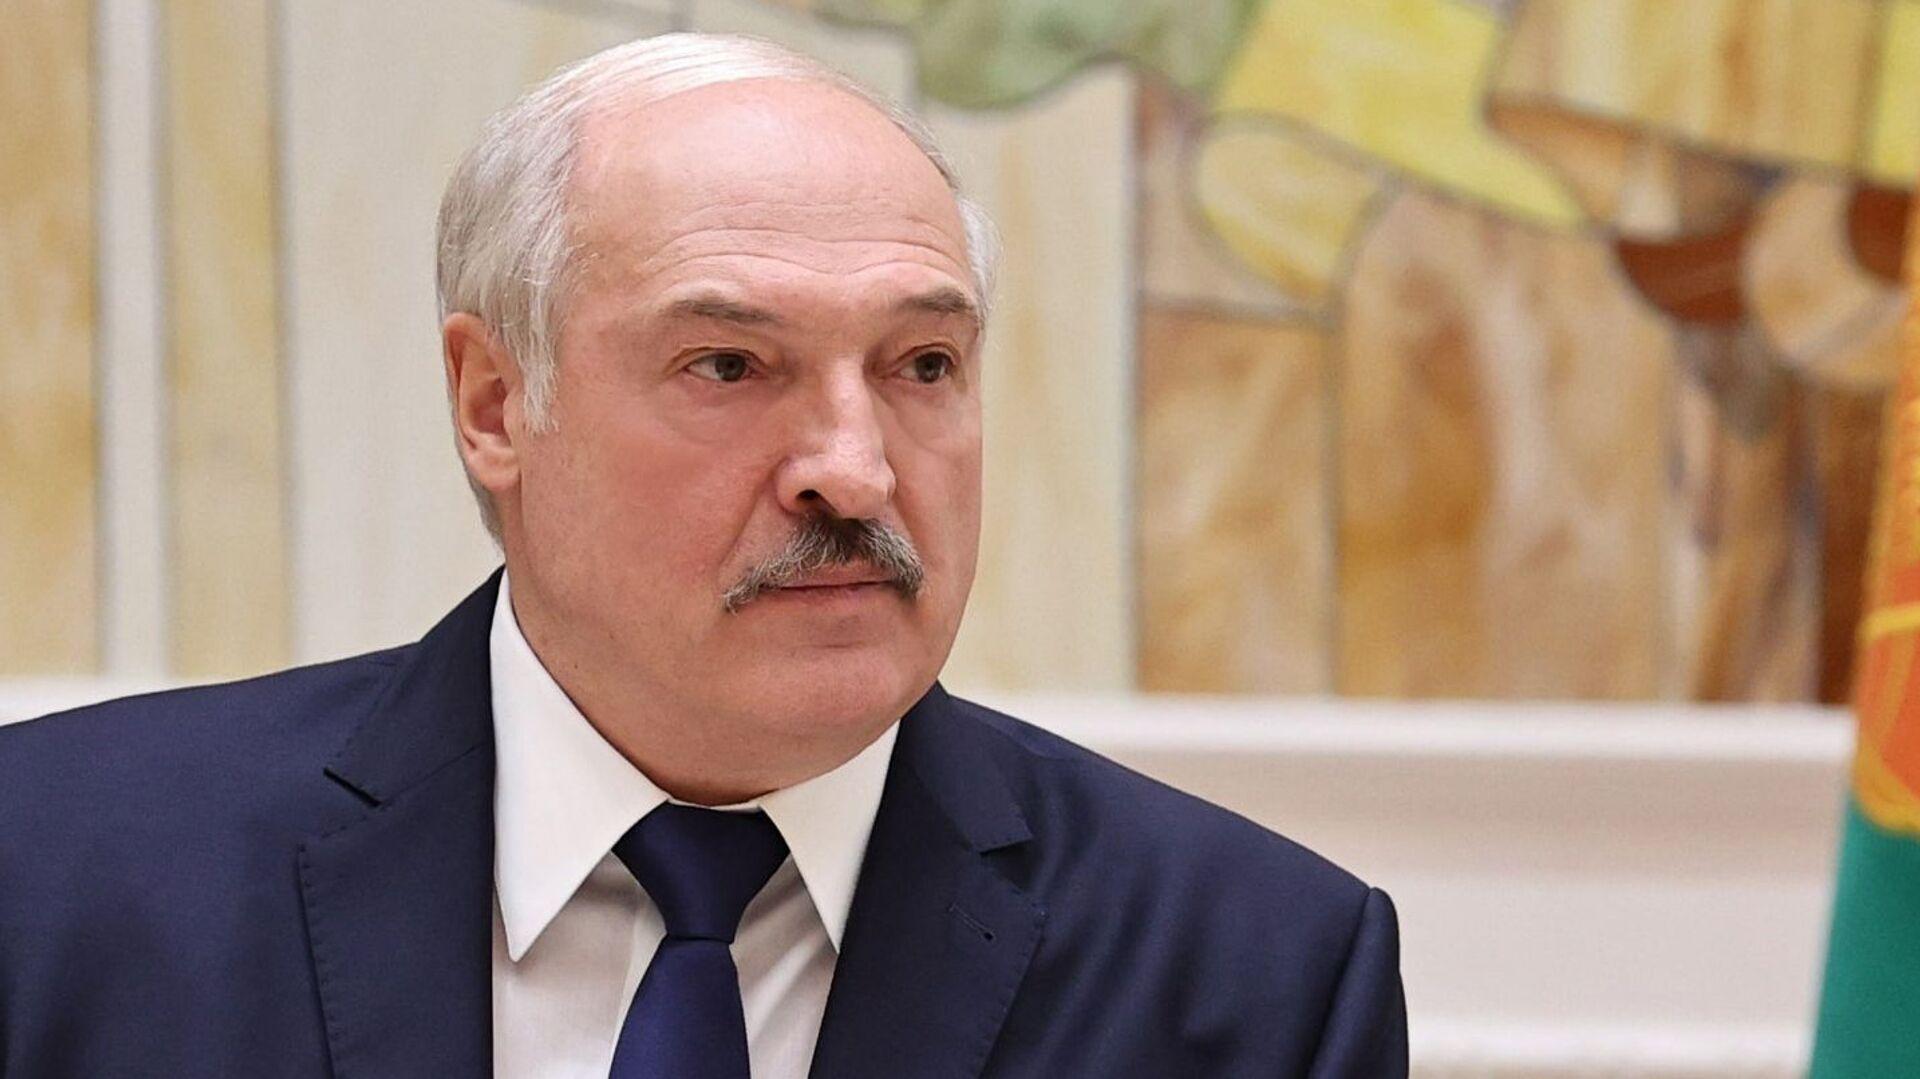 Prezydent Białorusi Alaksandr Łukaszenka - Sputnik Polska, 1920, 21.04.2021